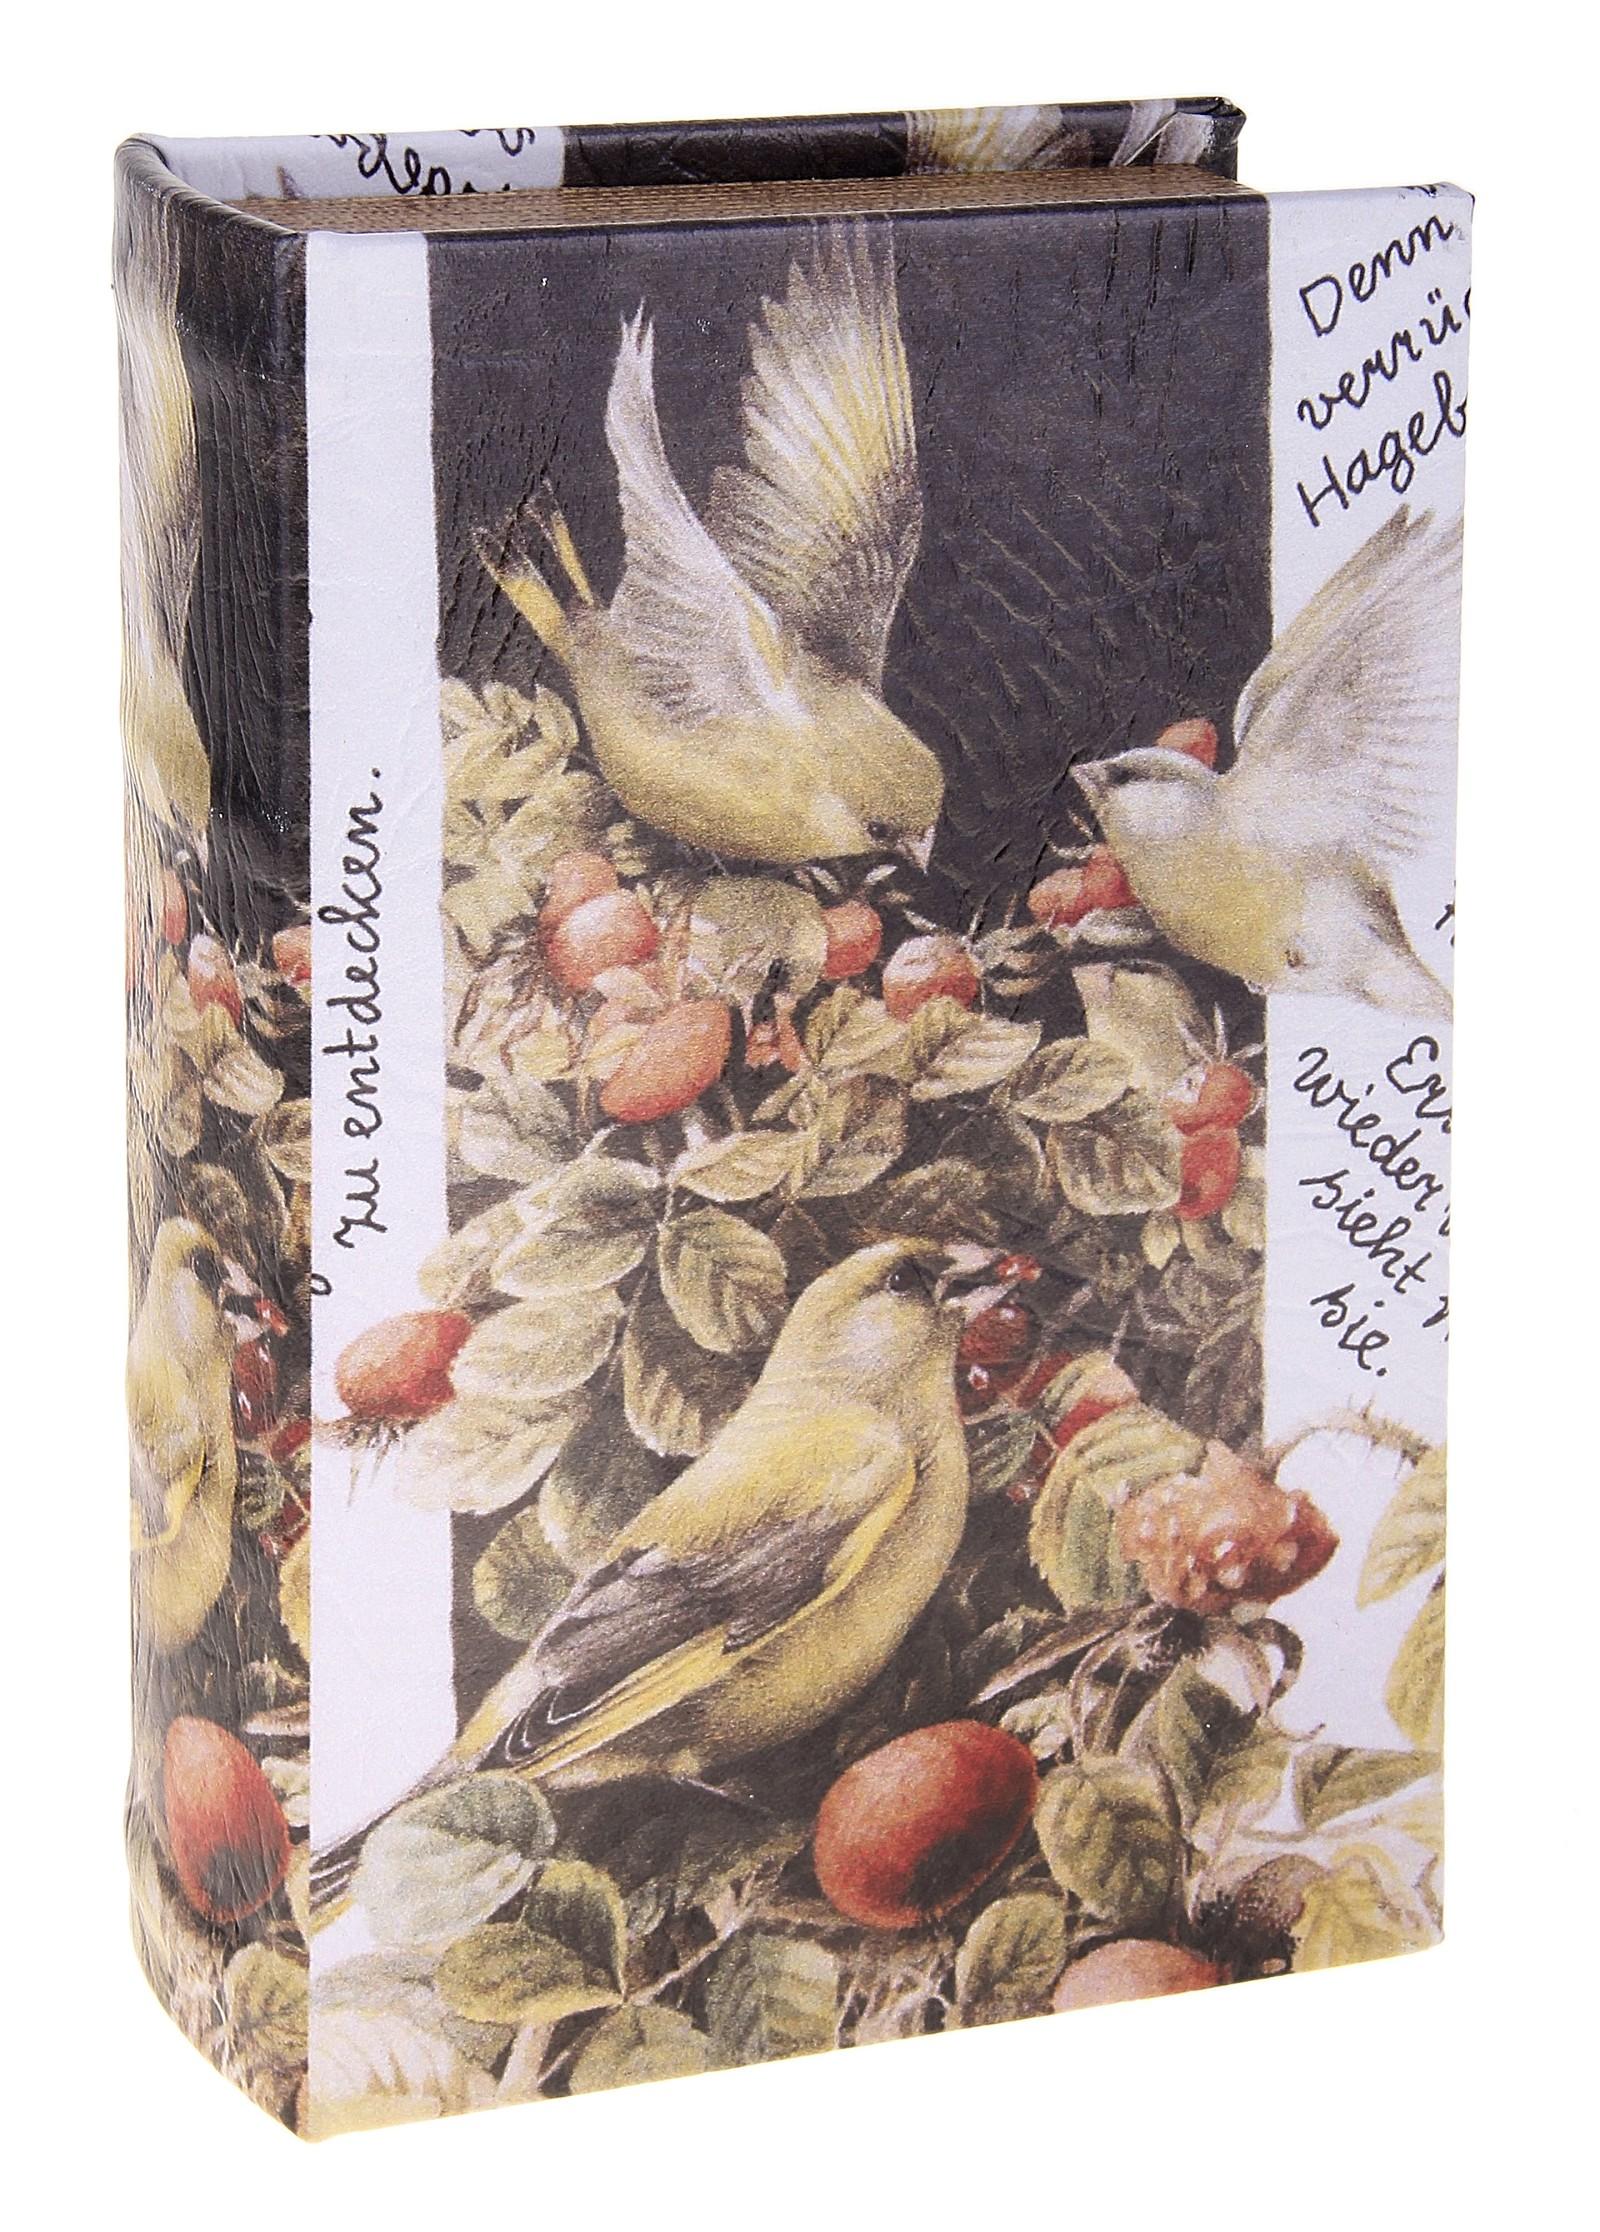 Шкатулка Иволга. 680689680689Шкатулка Иволга, выполненная в виде книги, не оставит равнодушной ни одну любительницу изысканных вещей. Шкатулка изготовлена из дерева и обтянута искусственной кожей с изображением птичек. Внутренняя поверхность шкатулки отделана искусственной кожей. Сочетание оригинального дизайна и функциональности сделает такую шкатулку практичным и стильным подарком, а также предметом гордости ее обладательницы. Характеристики: Материал: дерево, кожзаменитель. Размер шкатулки: 11 см х 17 см х 5 см. Внутренный размер шкатулки: 8 см х 14 см х 4 см. Размер упаковки: 12 см х 18 см х 6 см. Артикул: 680689.